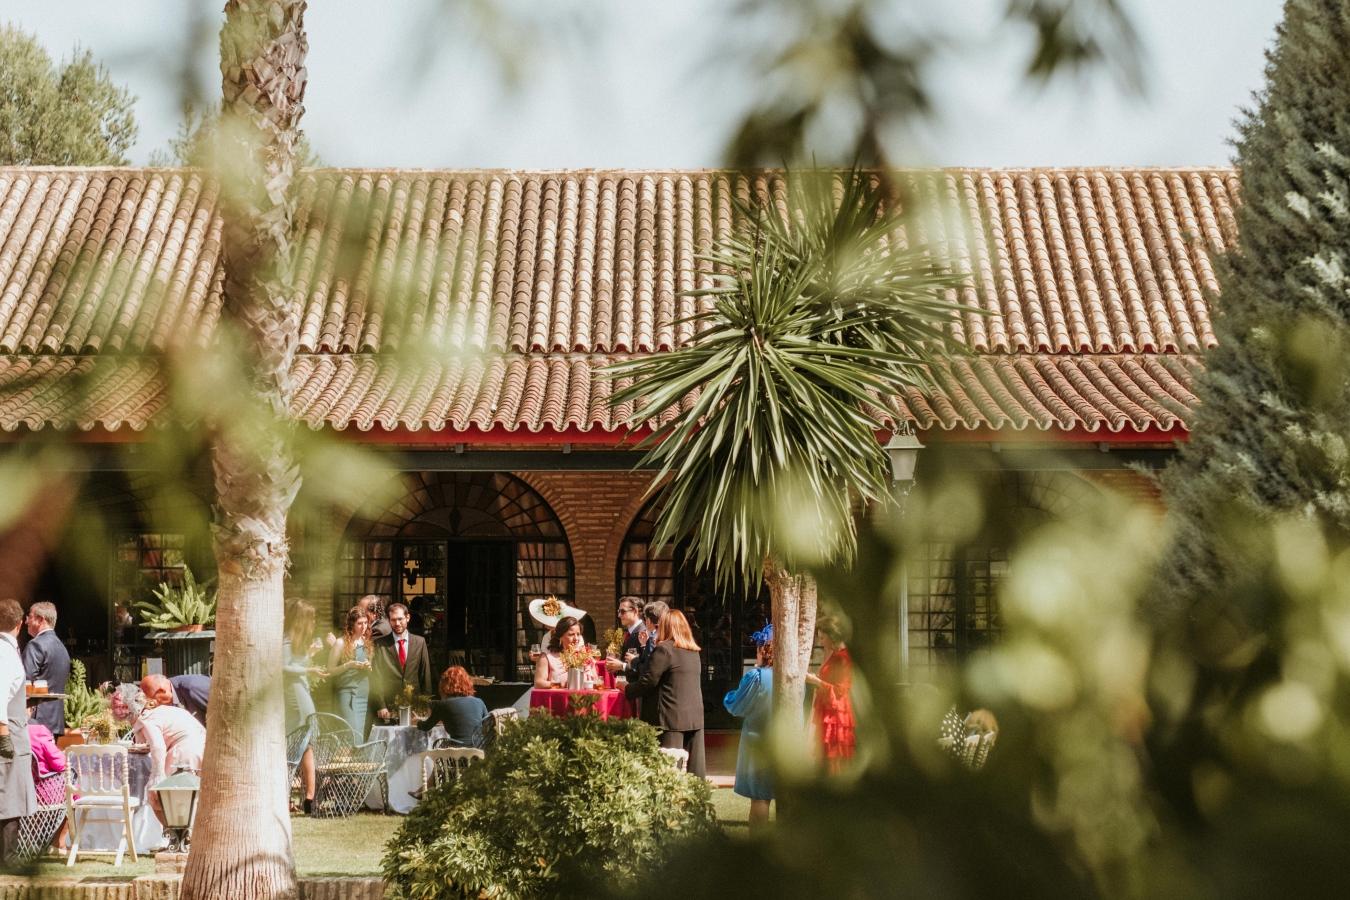 Boda en Sevilla - Finca Al-Yamanah - La niña del hoyuelo, Fotografia